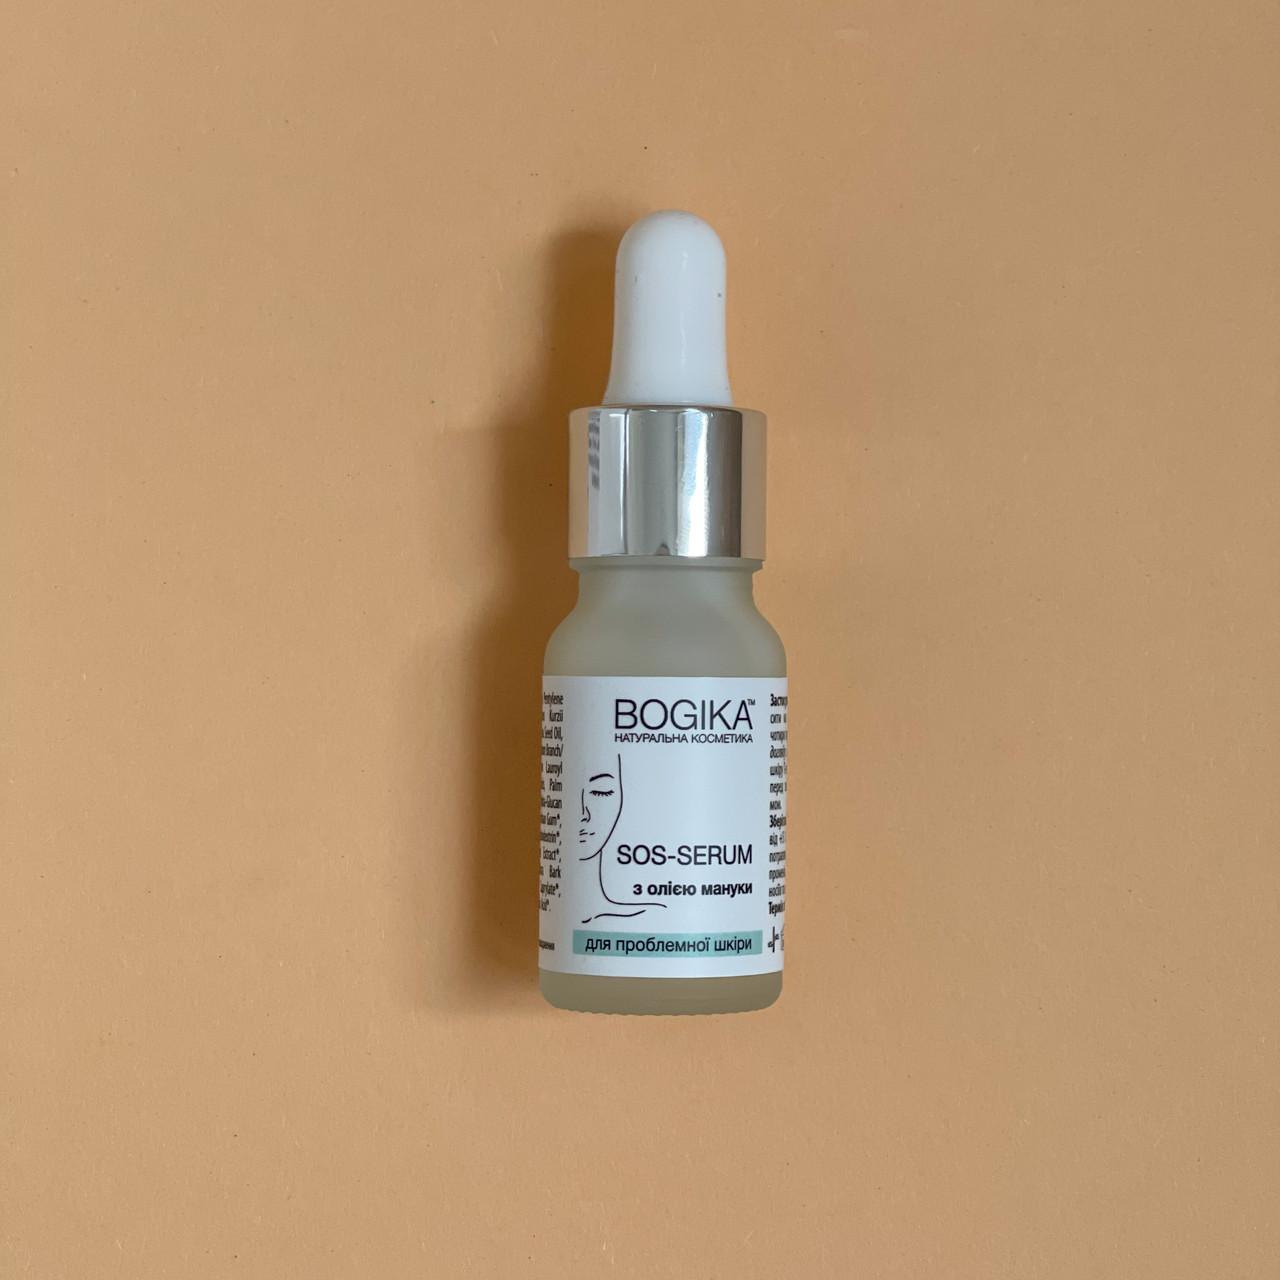 SOS-serum для боротьби з висипаннями та жирністю, BOGIKA, сироватка для обличчя